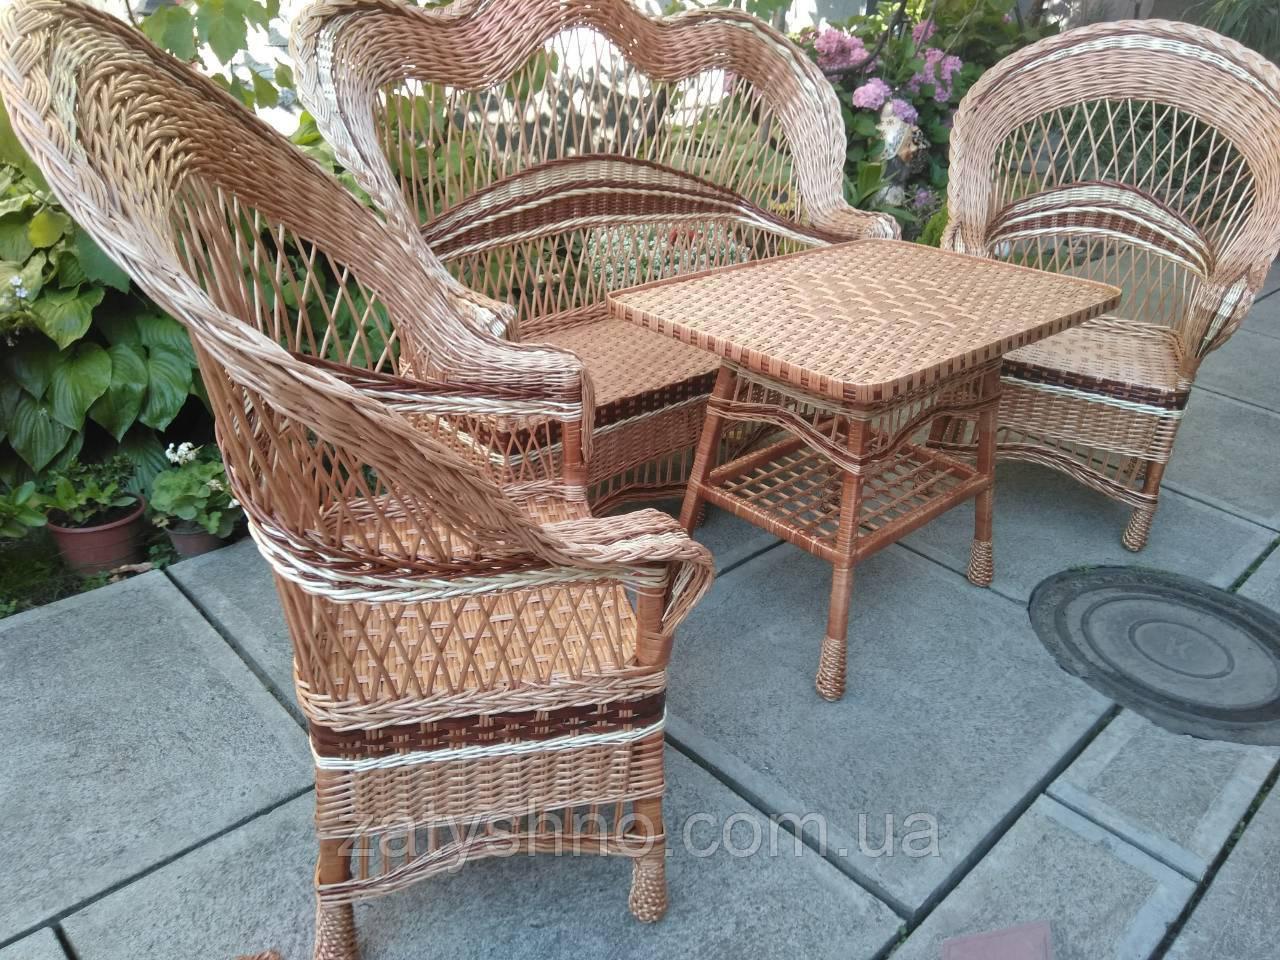 Комплект садовой плетеной мебели